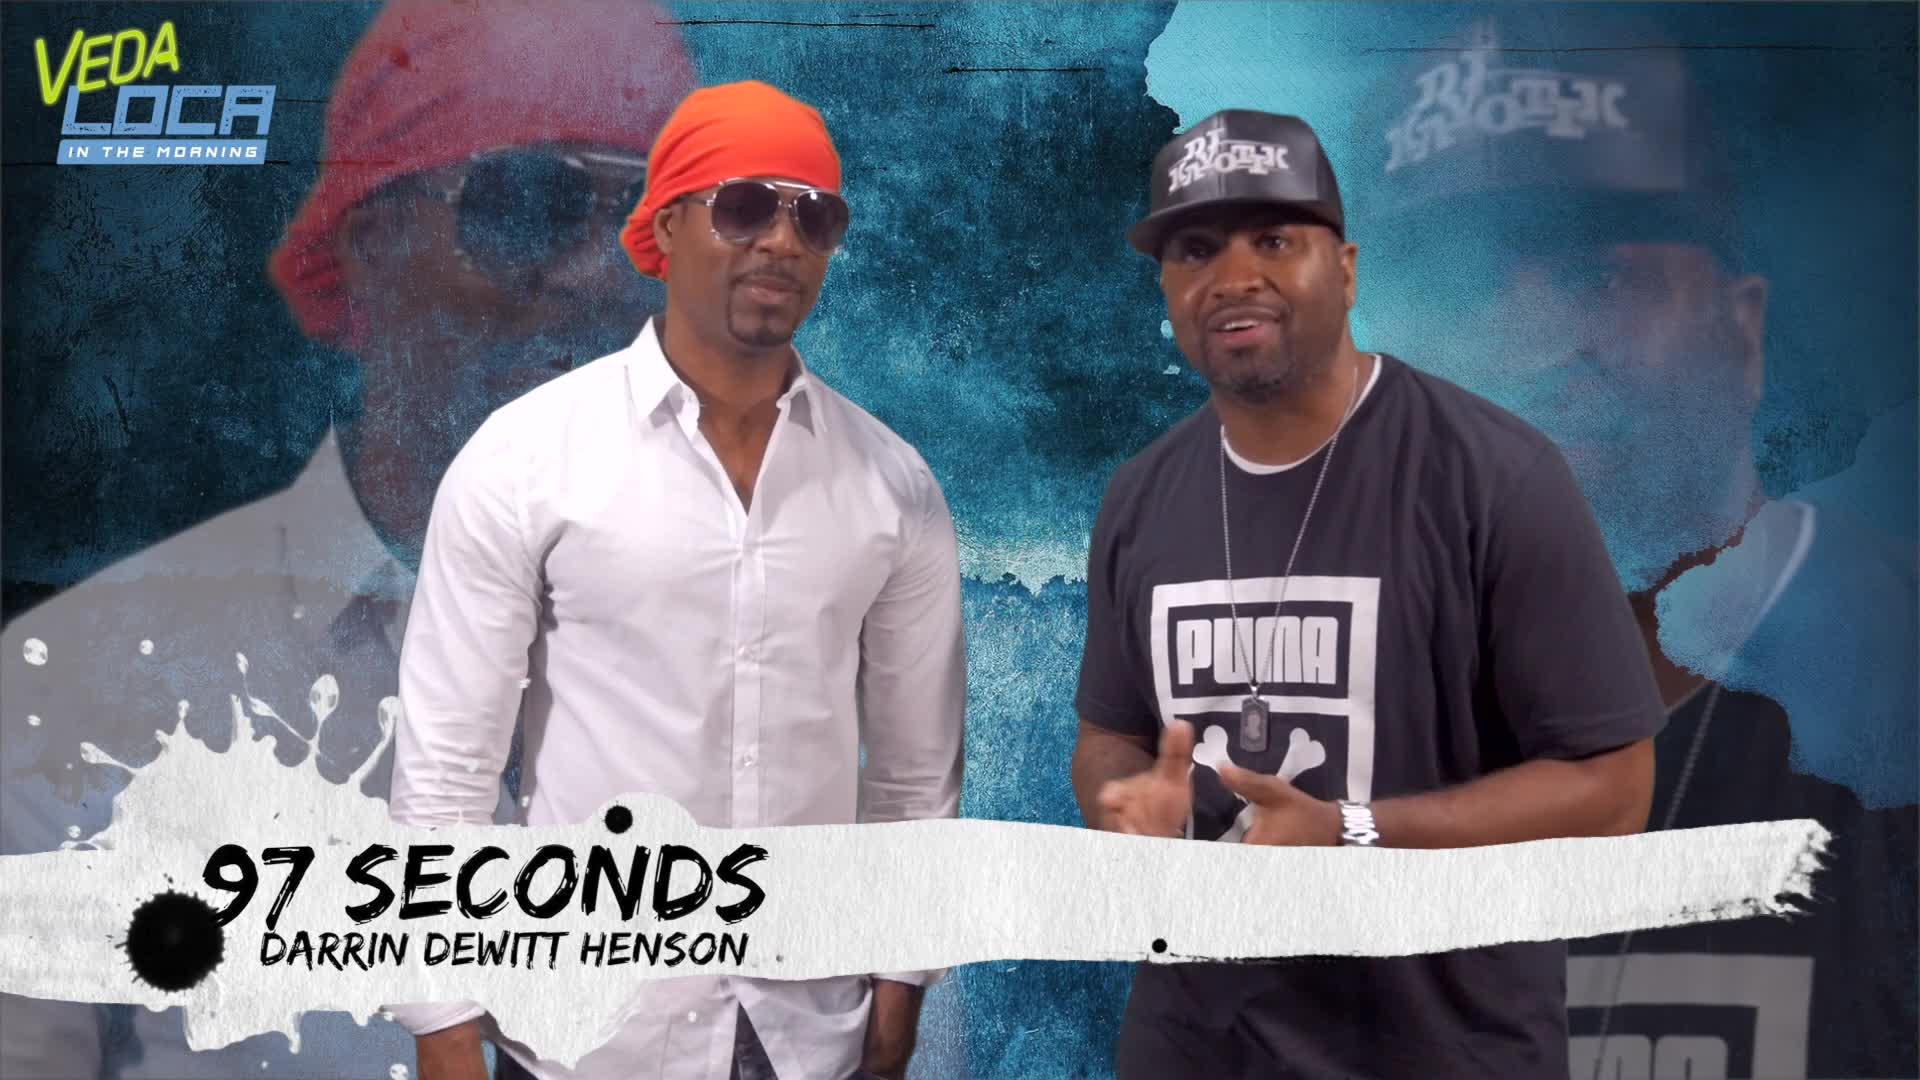 97 Seconds With Darrin DeWitt Henson